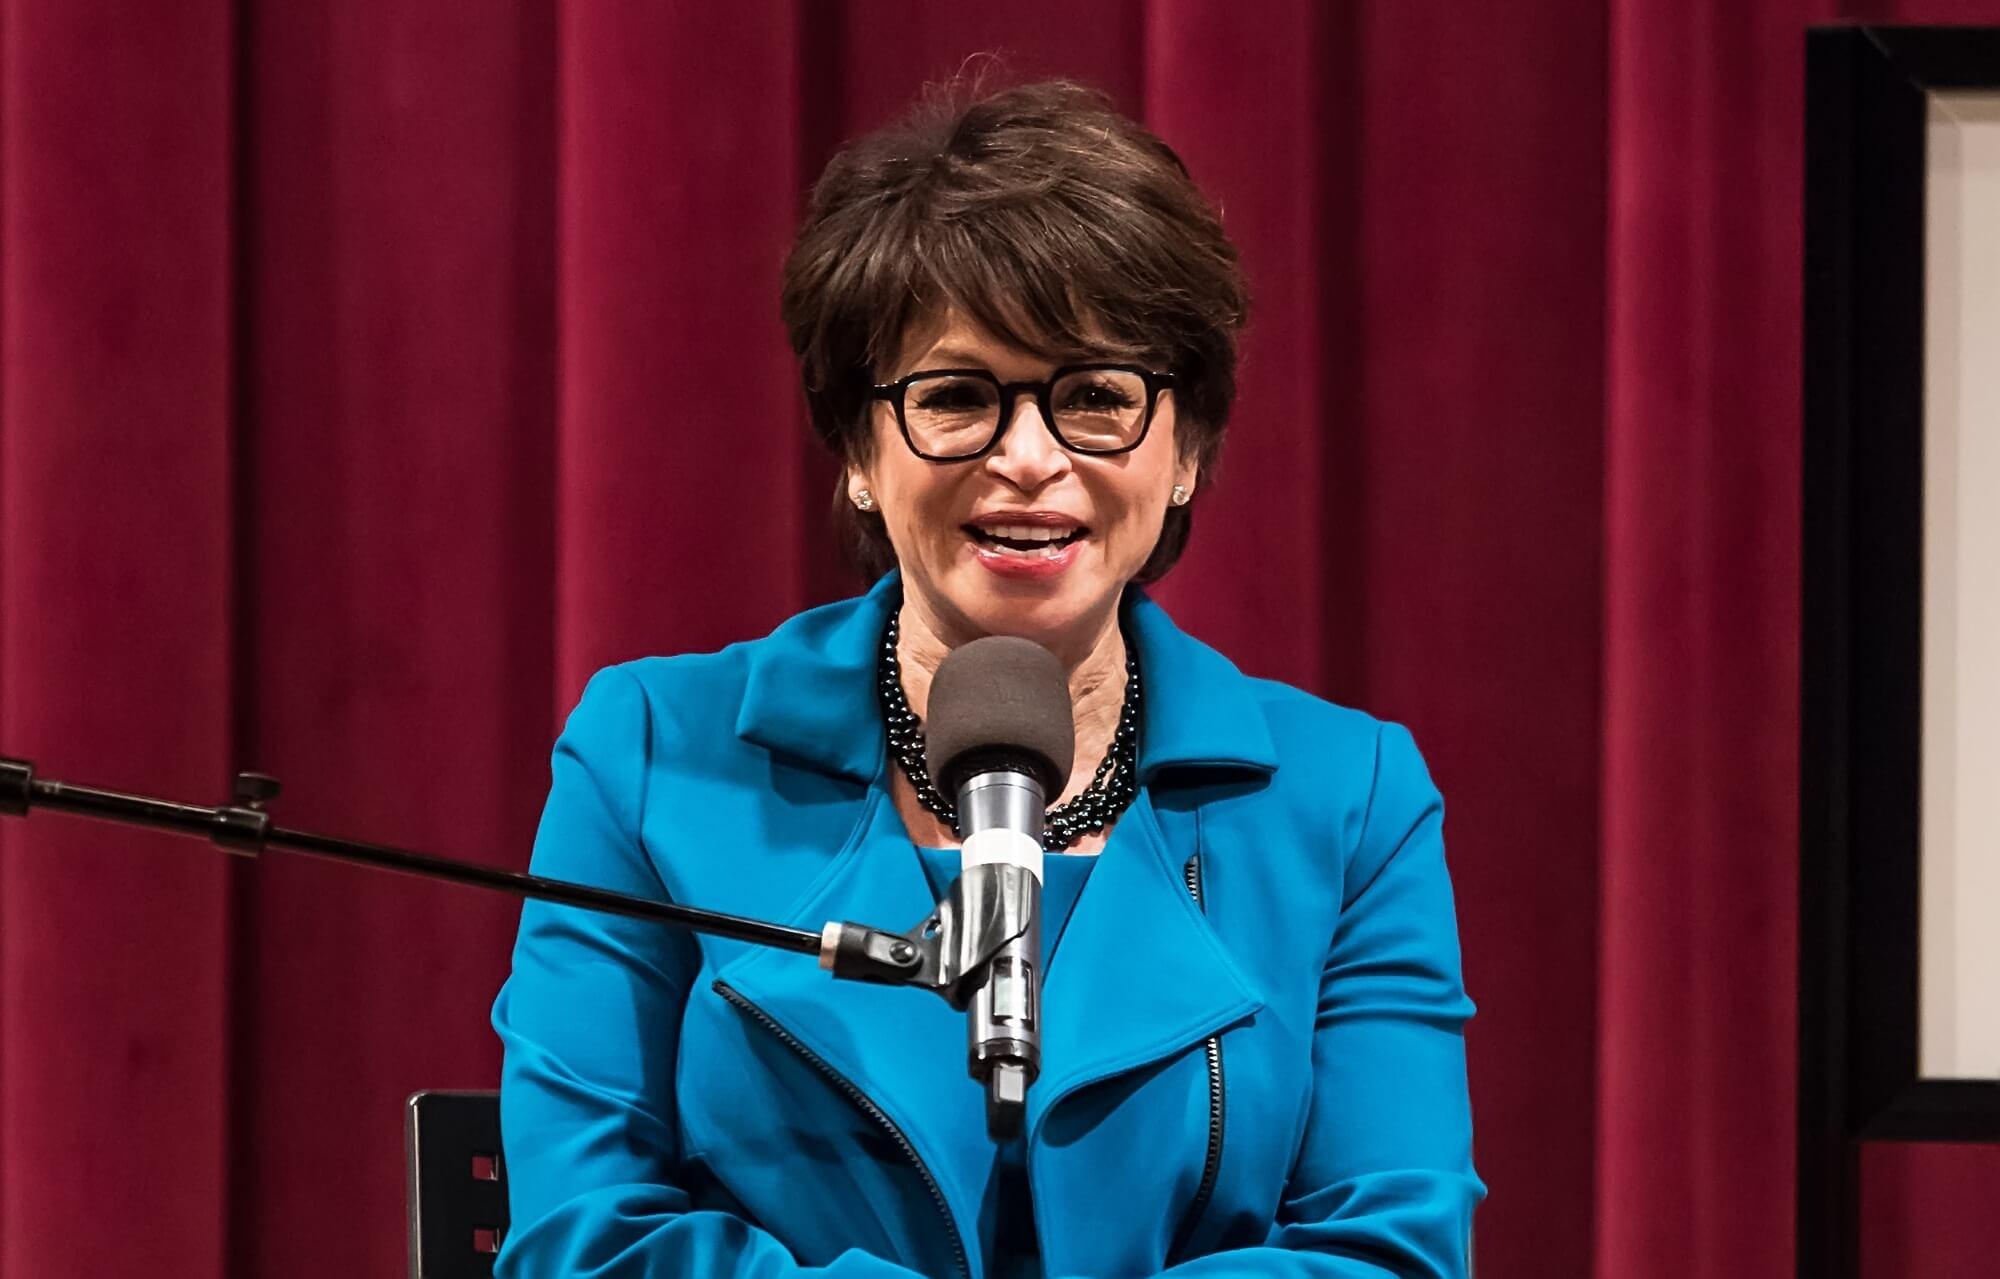 Picture of Valerie Jarrett, JD, former presidential advisor